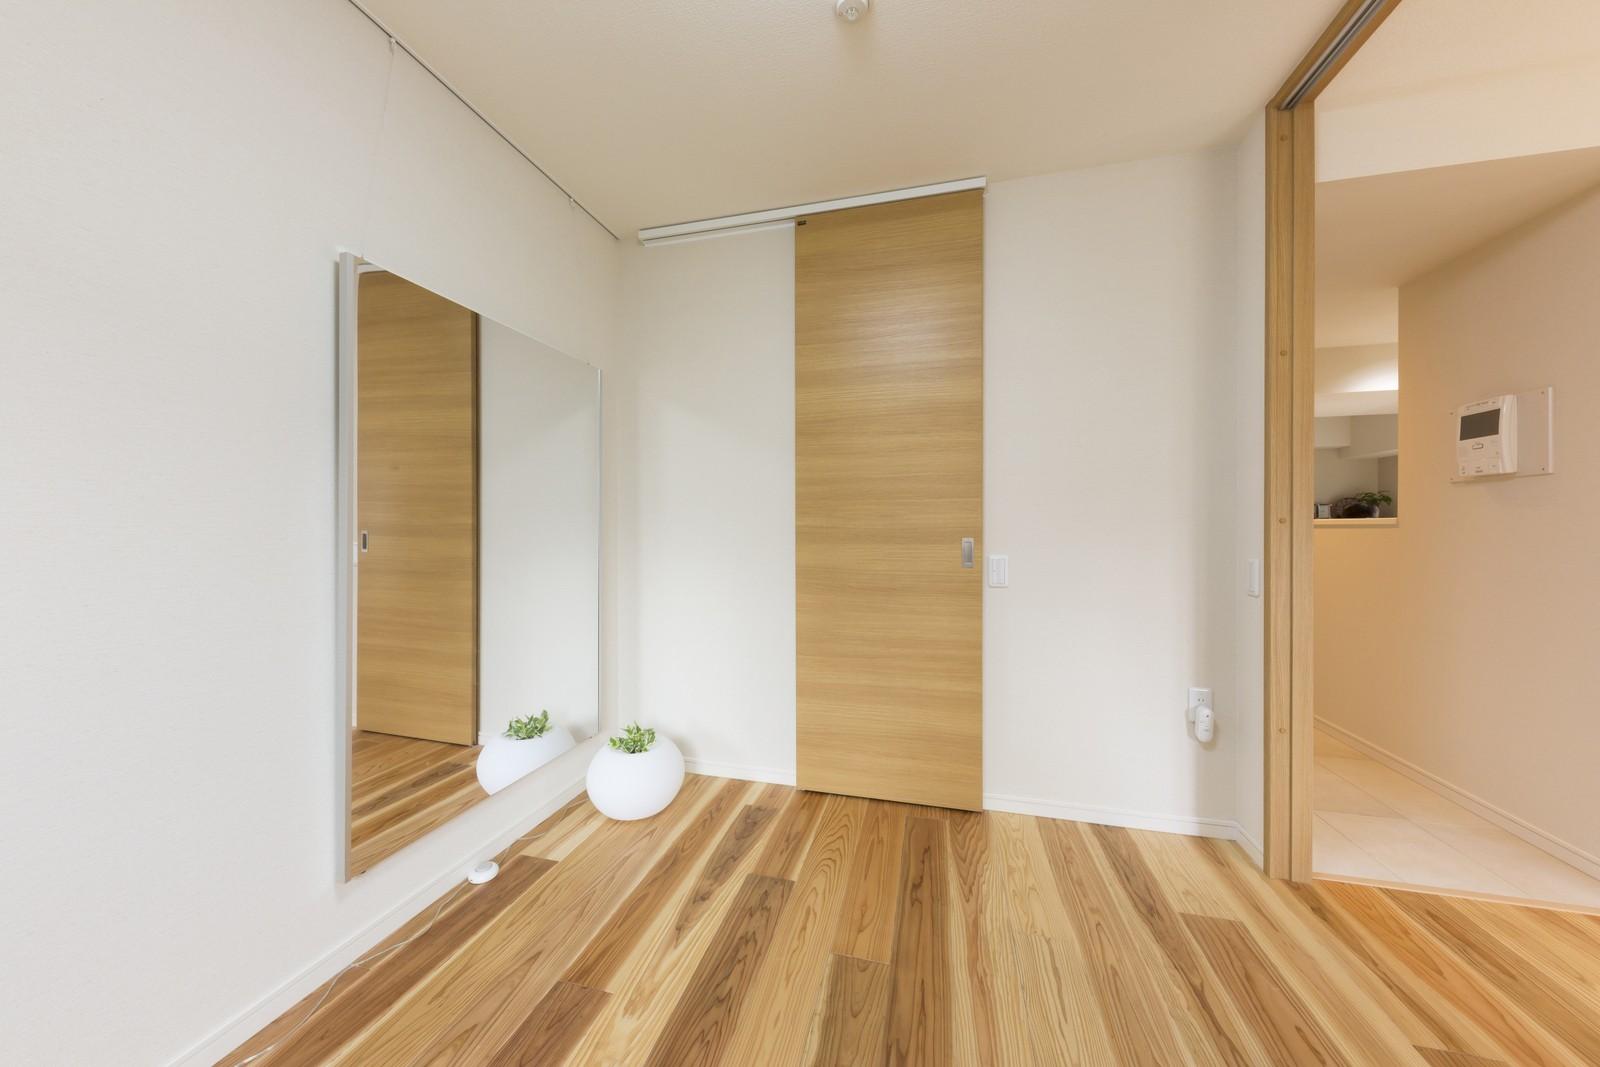 子供部屋事例:多目的に活躍する予備室(大家族が集まれるダイニングと機能的な収納で生き返るリノベーション)